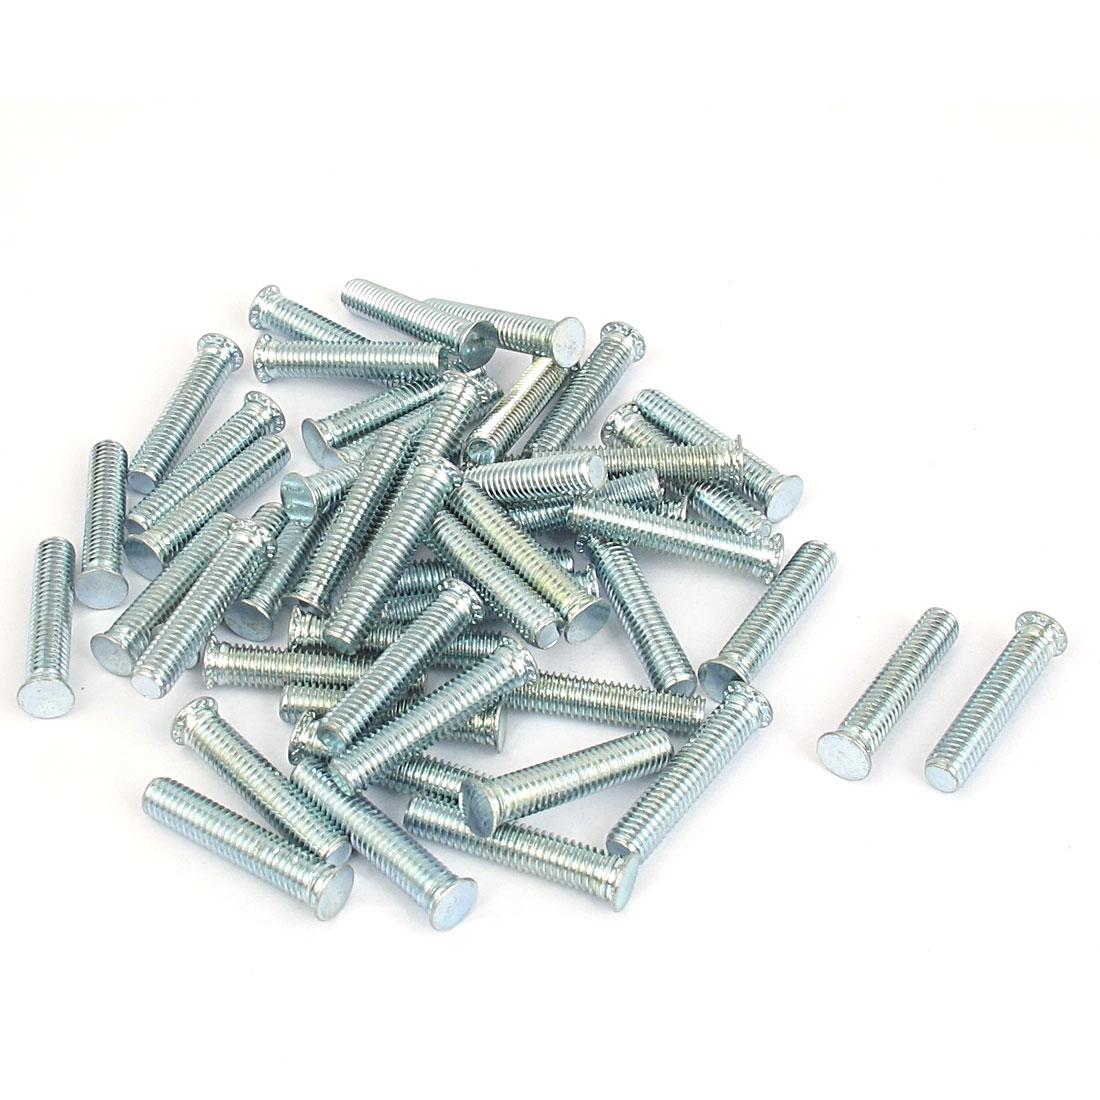 M5x25mm Zinc Plated Flush Head Self Clinching Threaded Studs Fastener 50pcs